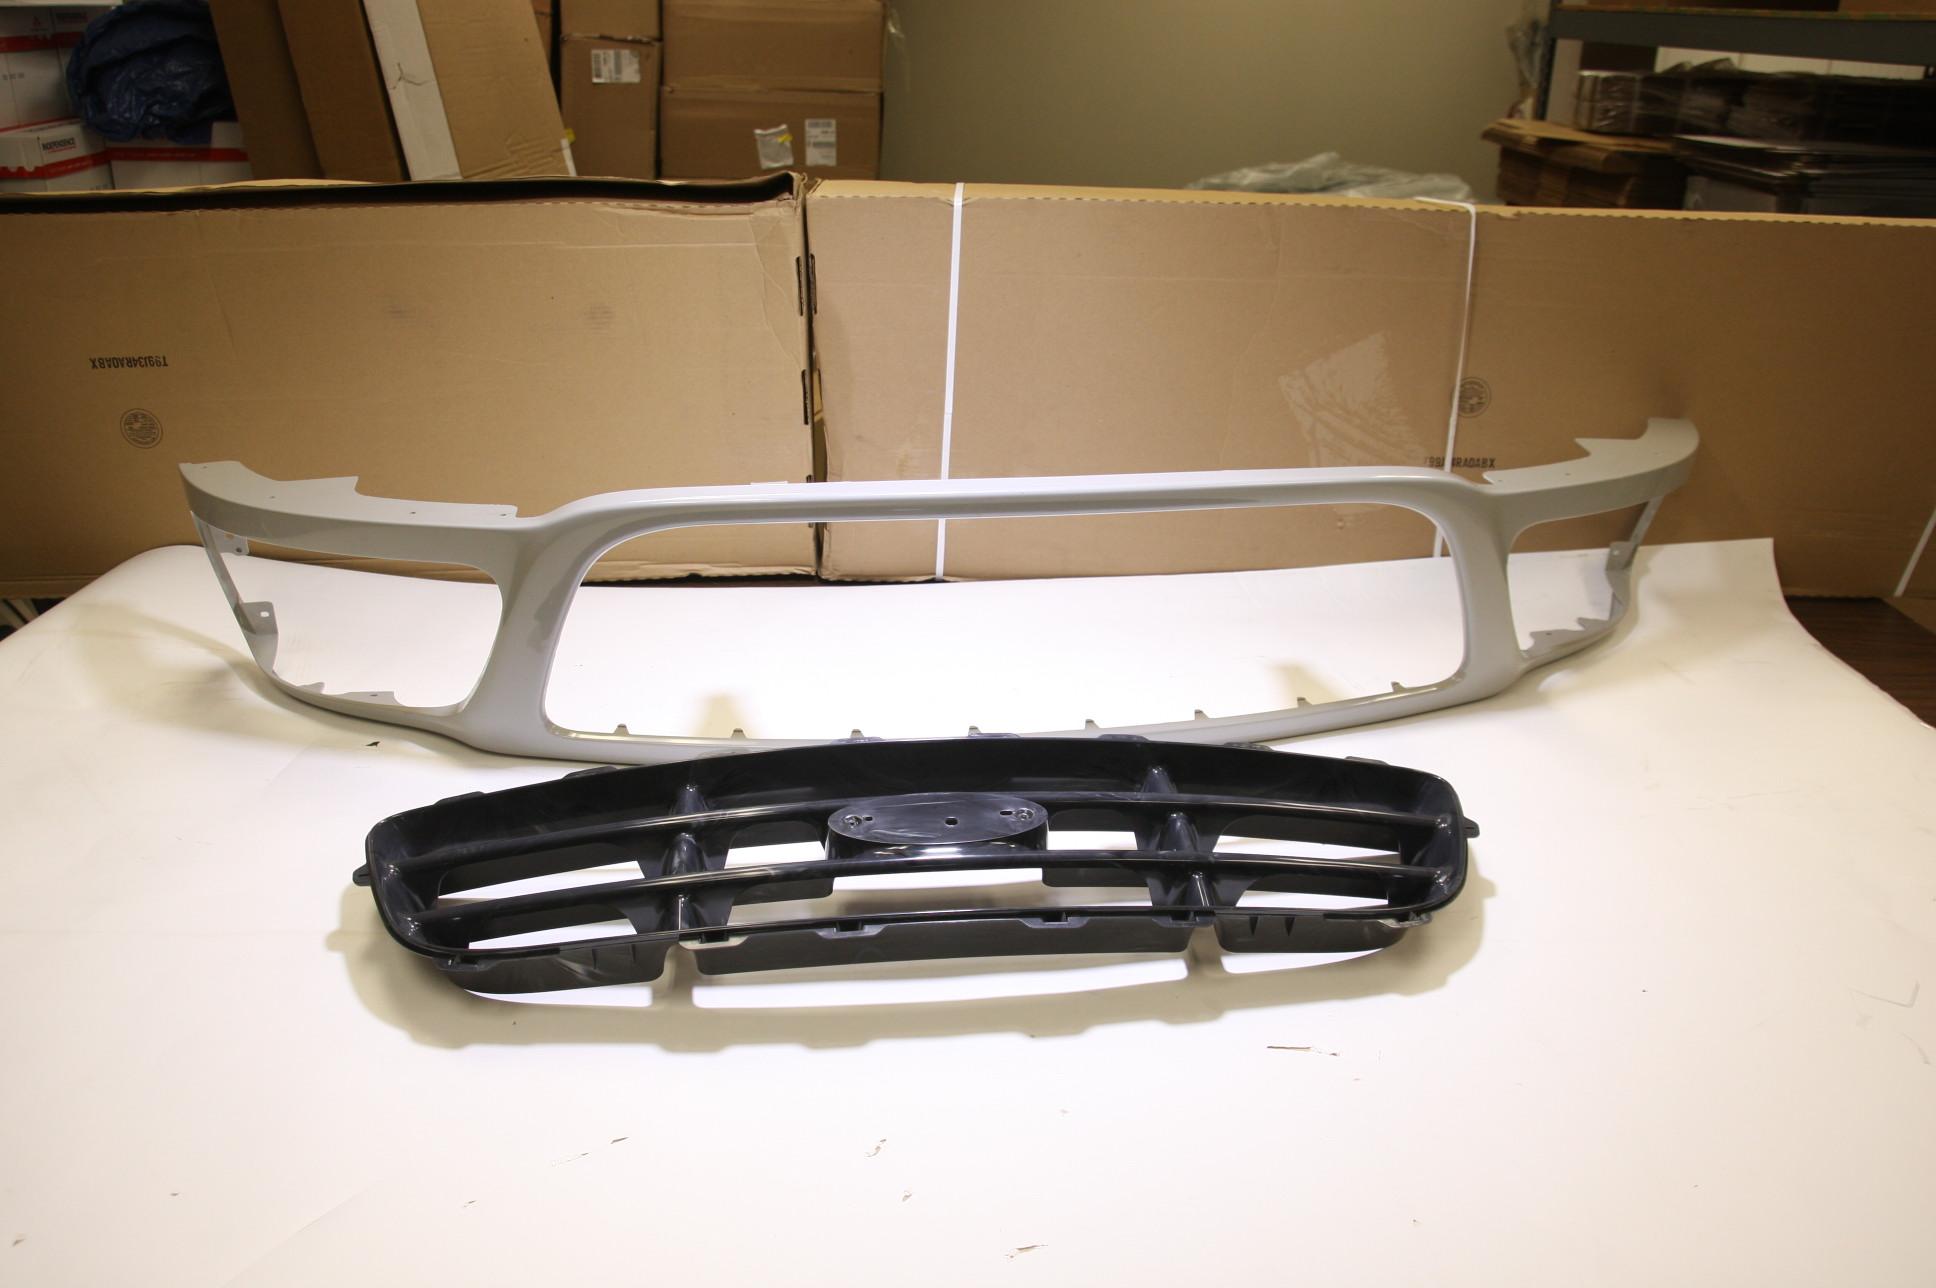 ** New OEM 3L3Z8200DA Ford 99-03 F-150 Grille Grill w/ Gloss Black Insert NIP - image 1